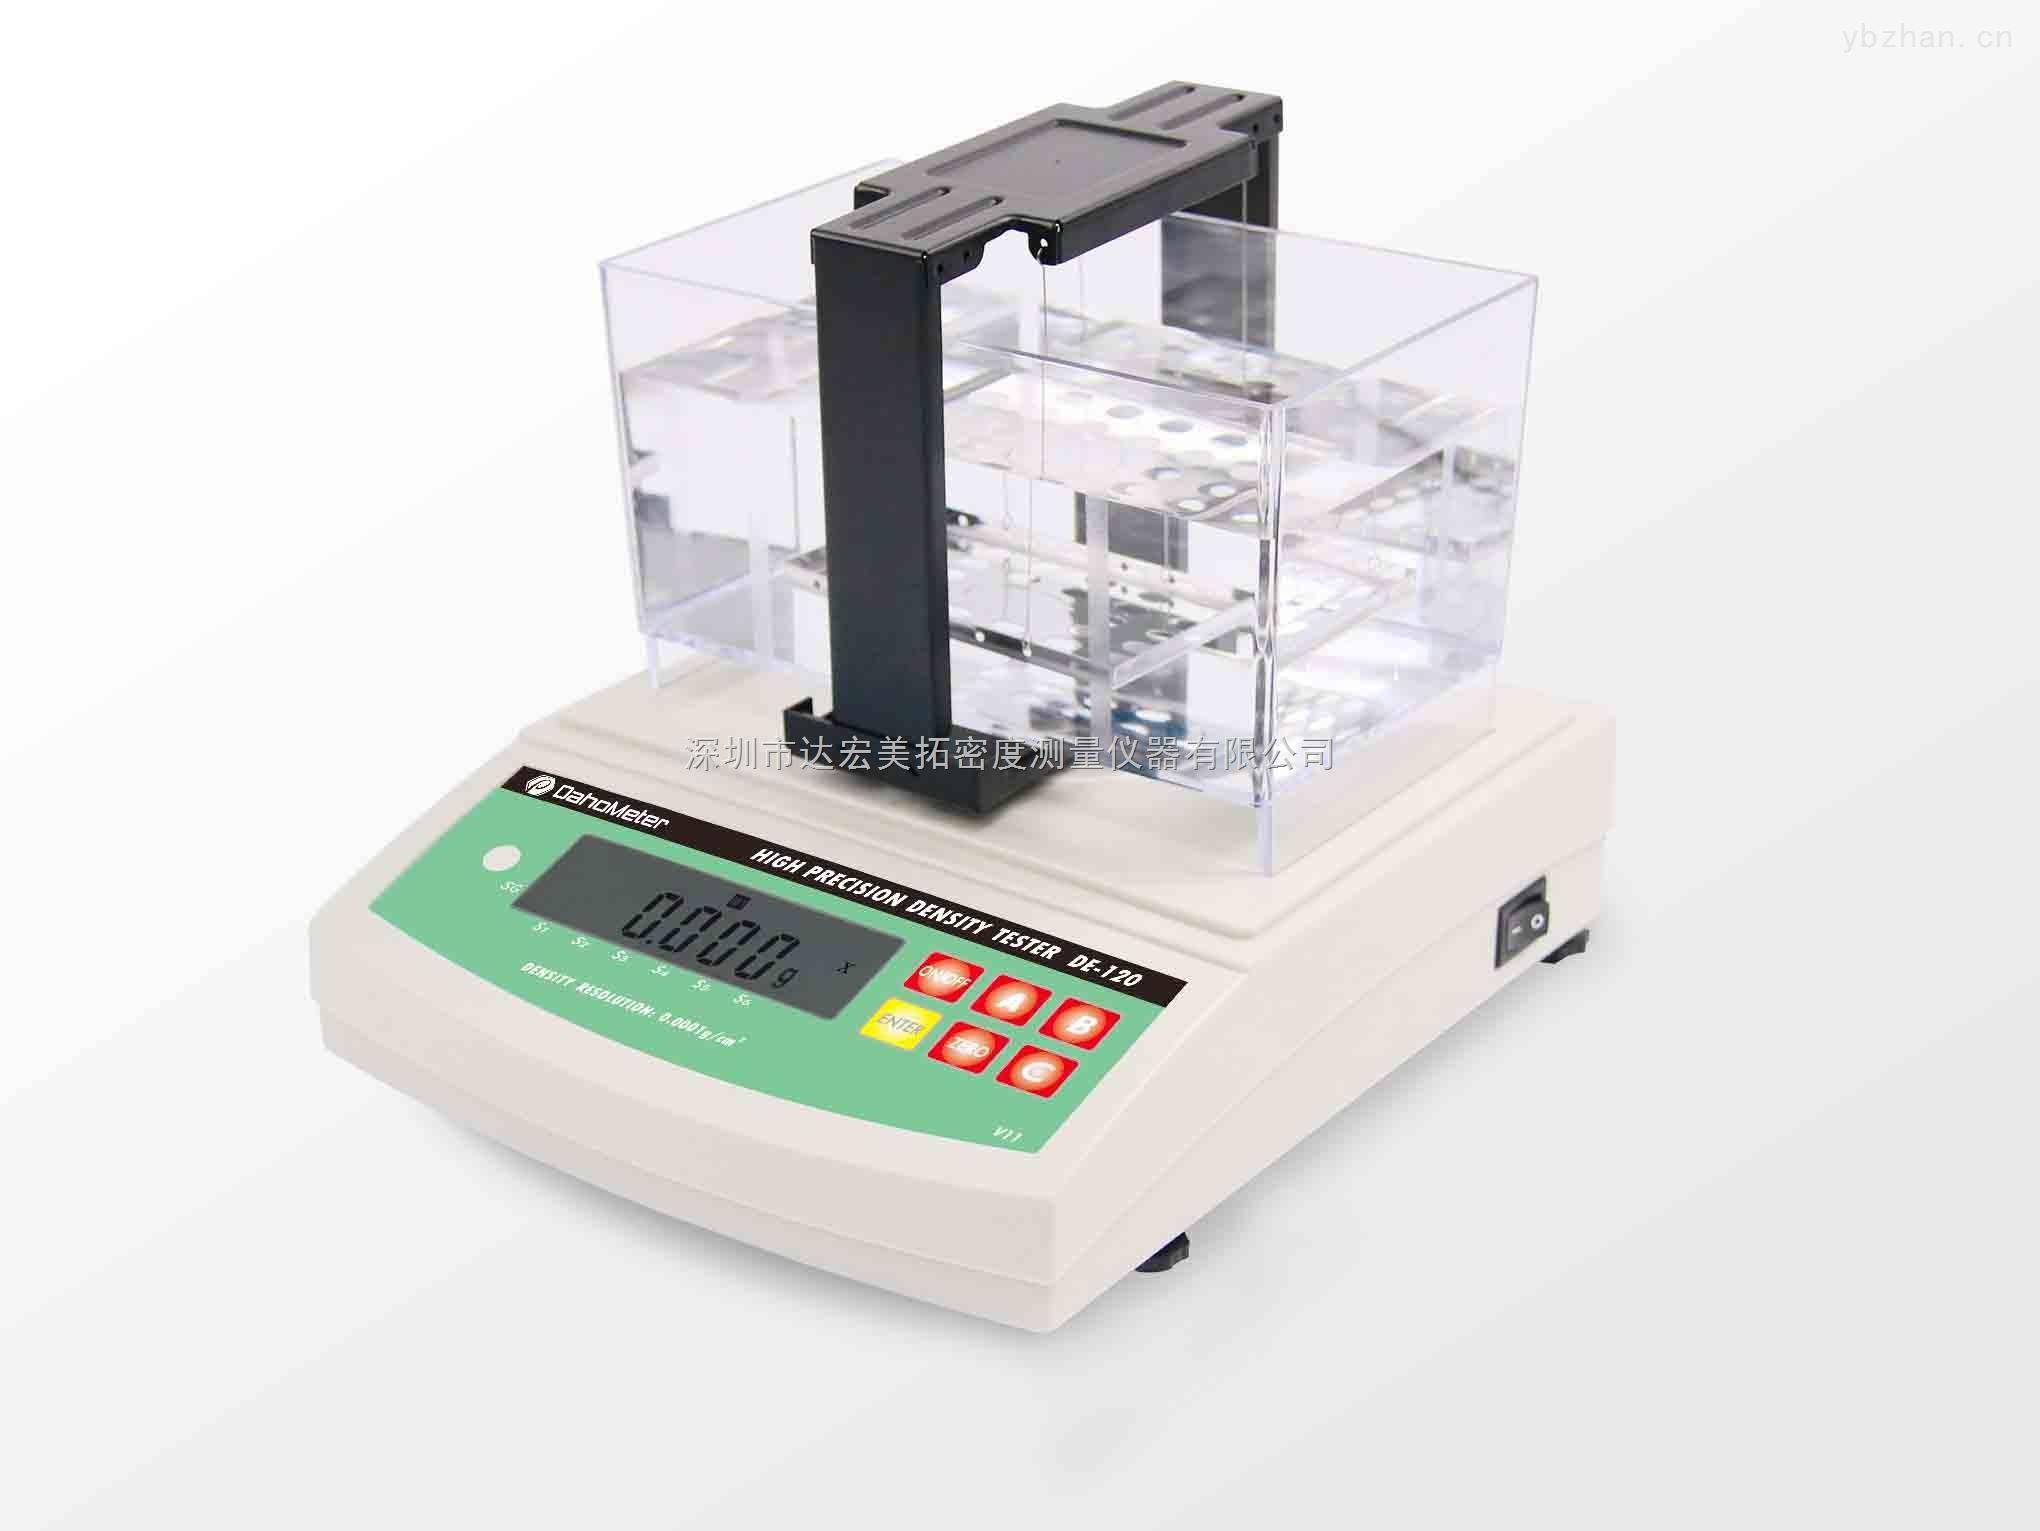 DE-120-達宏美拓高精度固體密度計